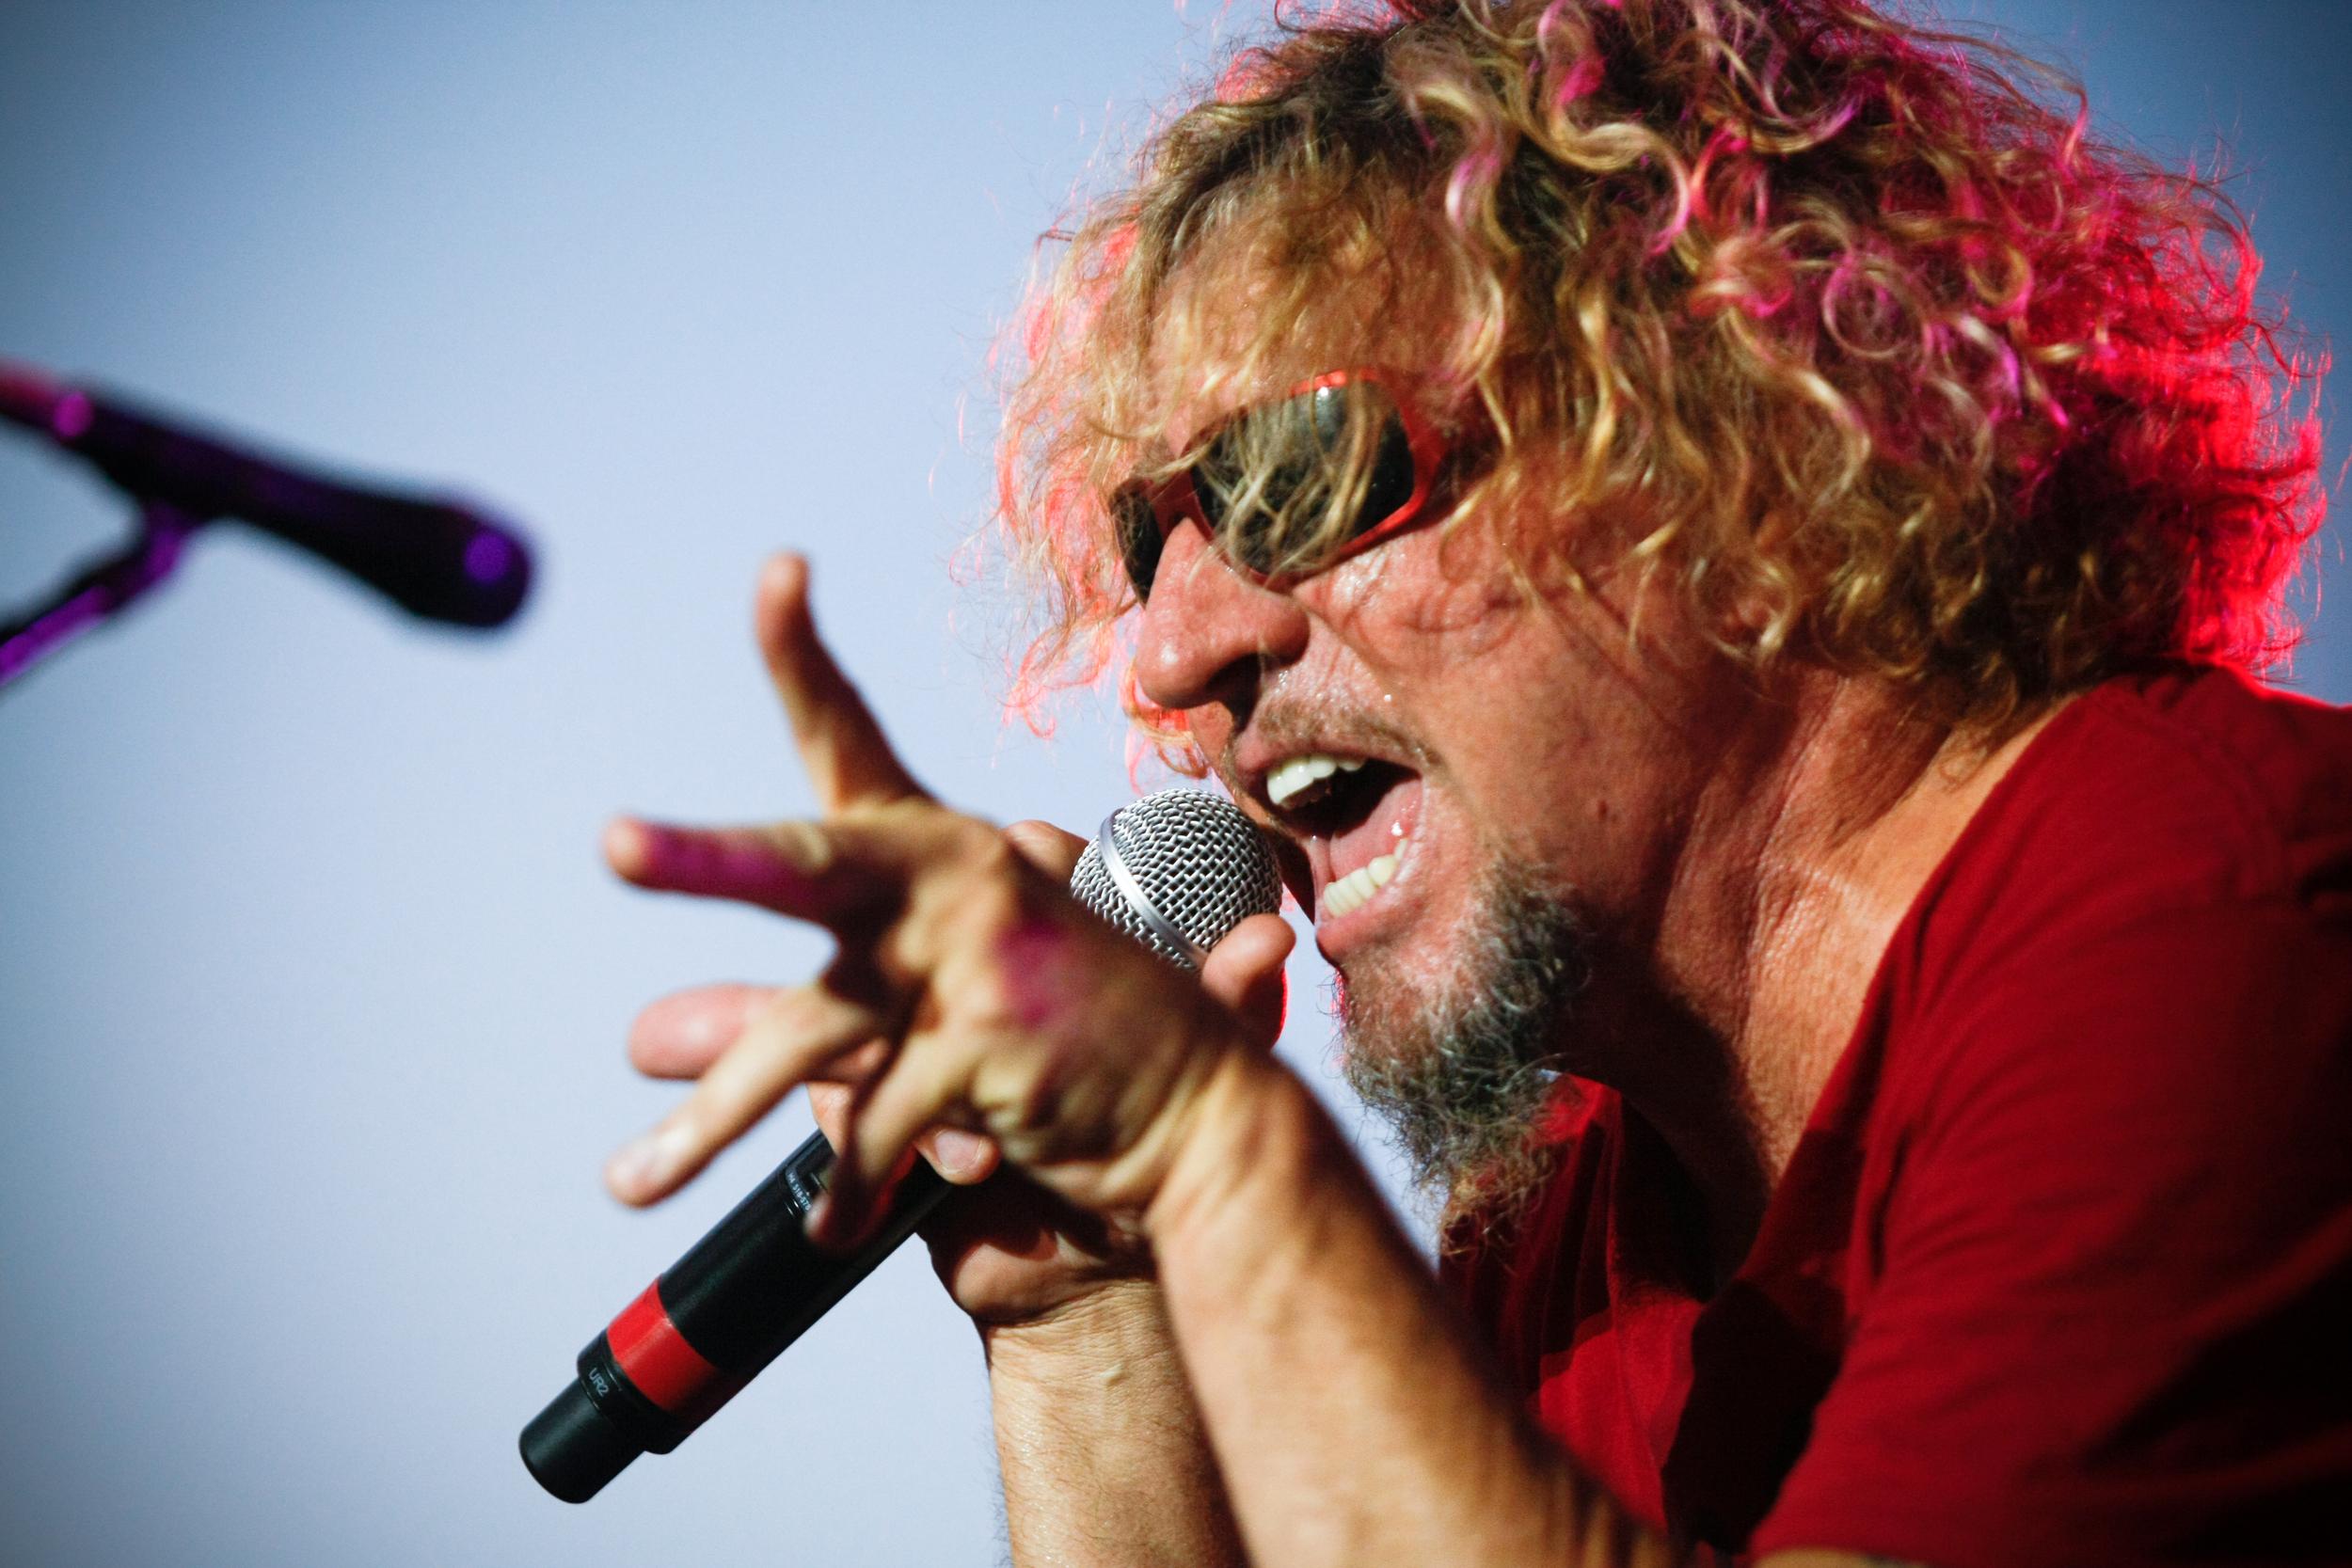 Sammy Hagar singing on stage